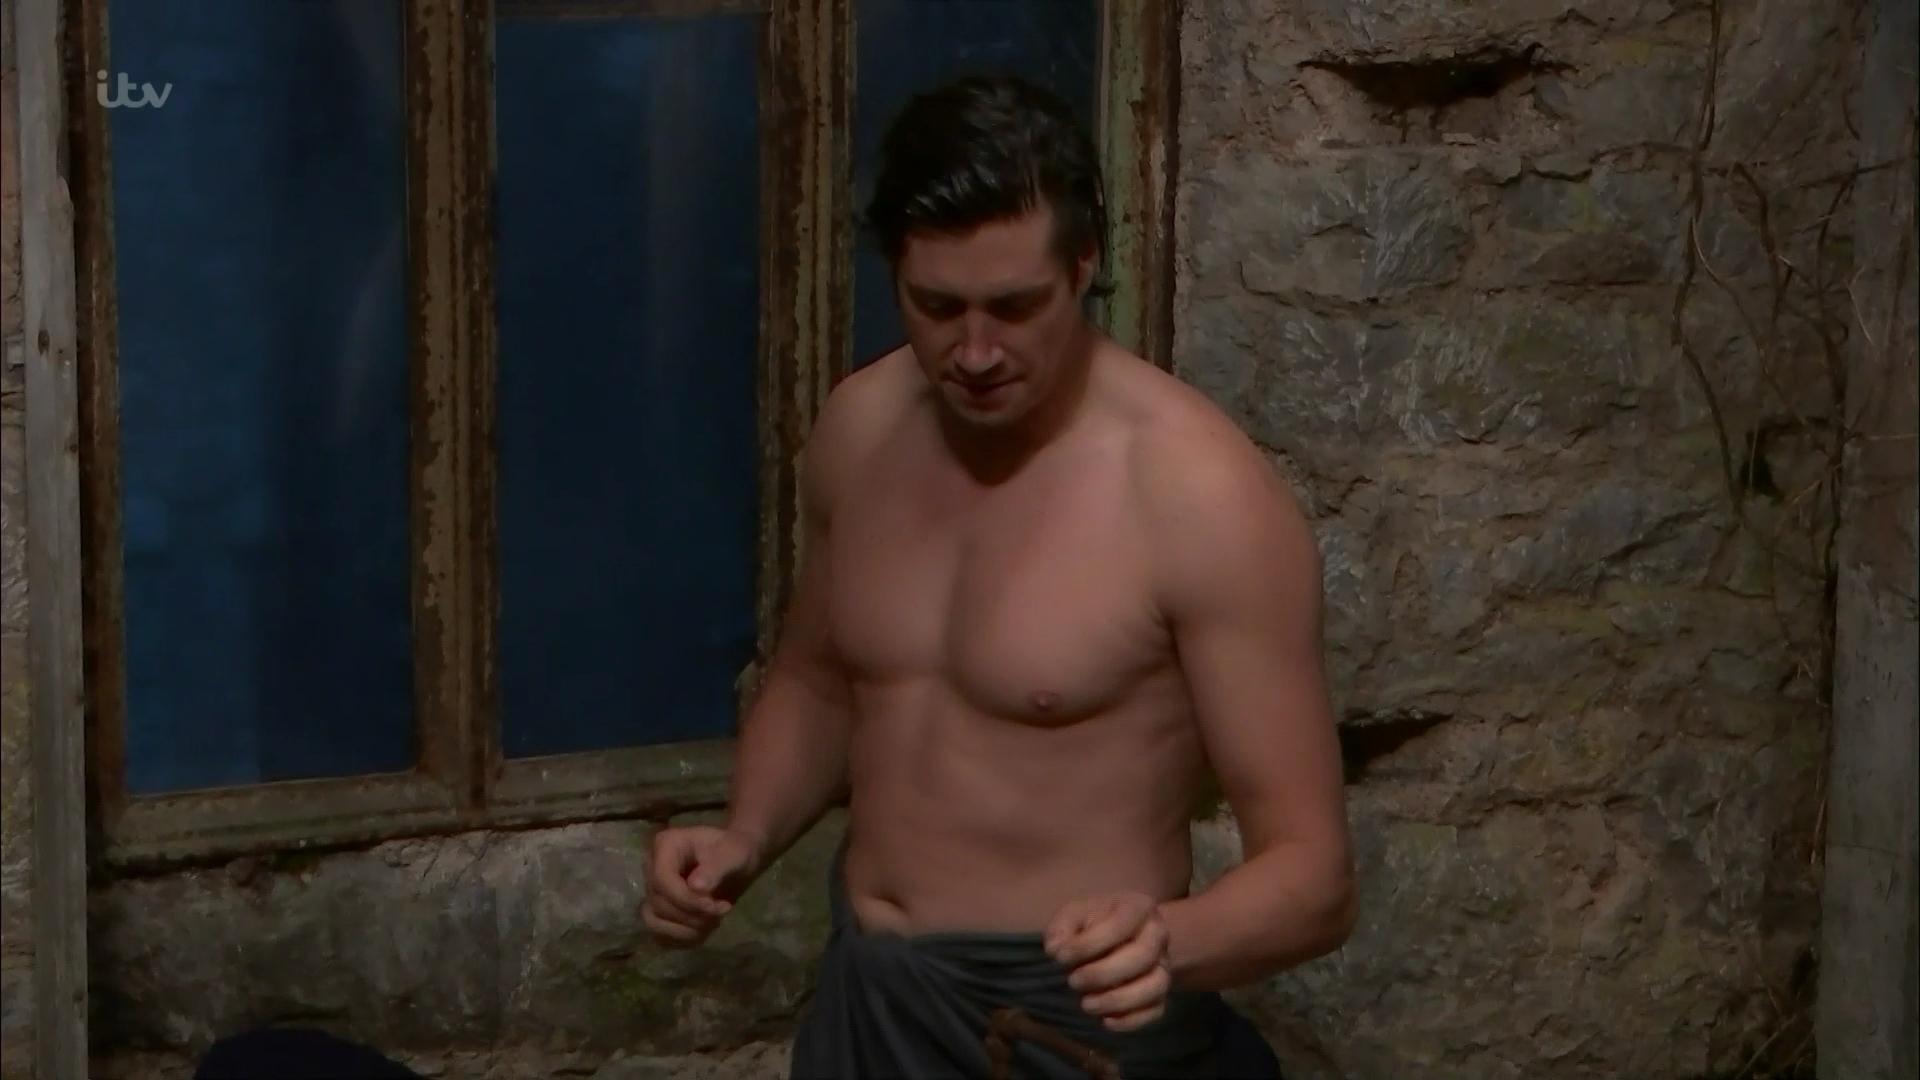 Casperfan: AJ Pritchard in the shower on Im A Celebrity